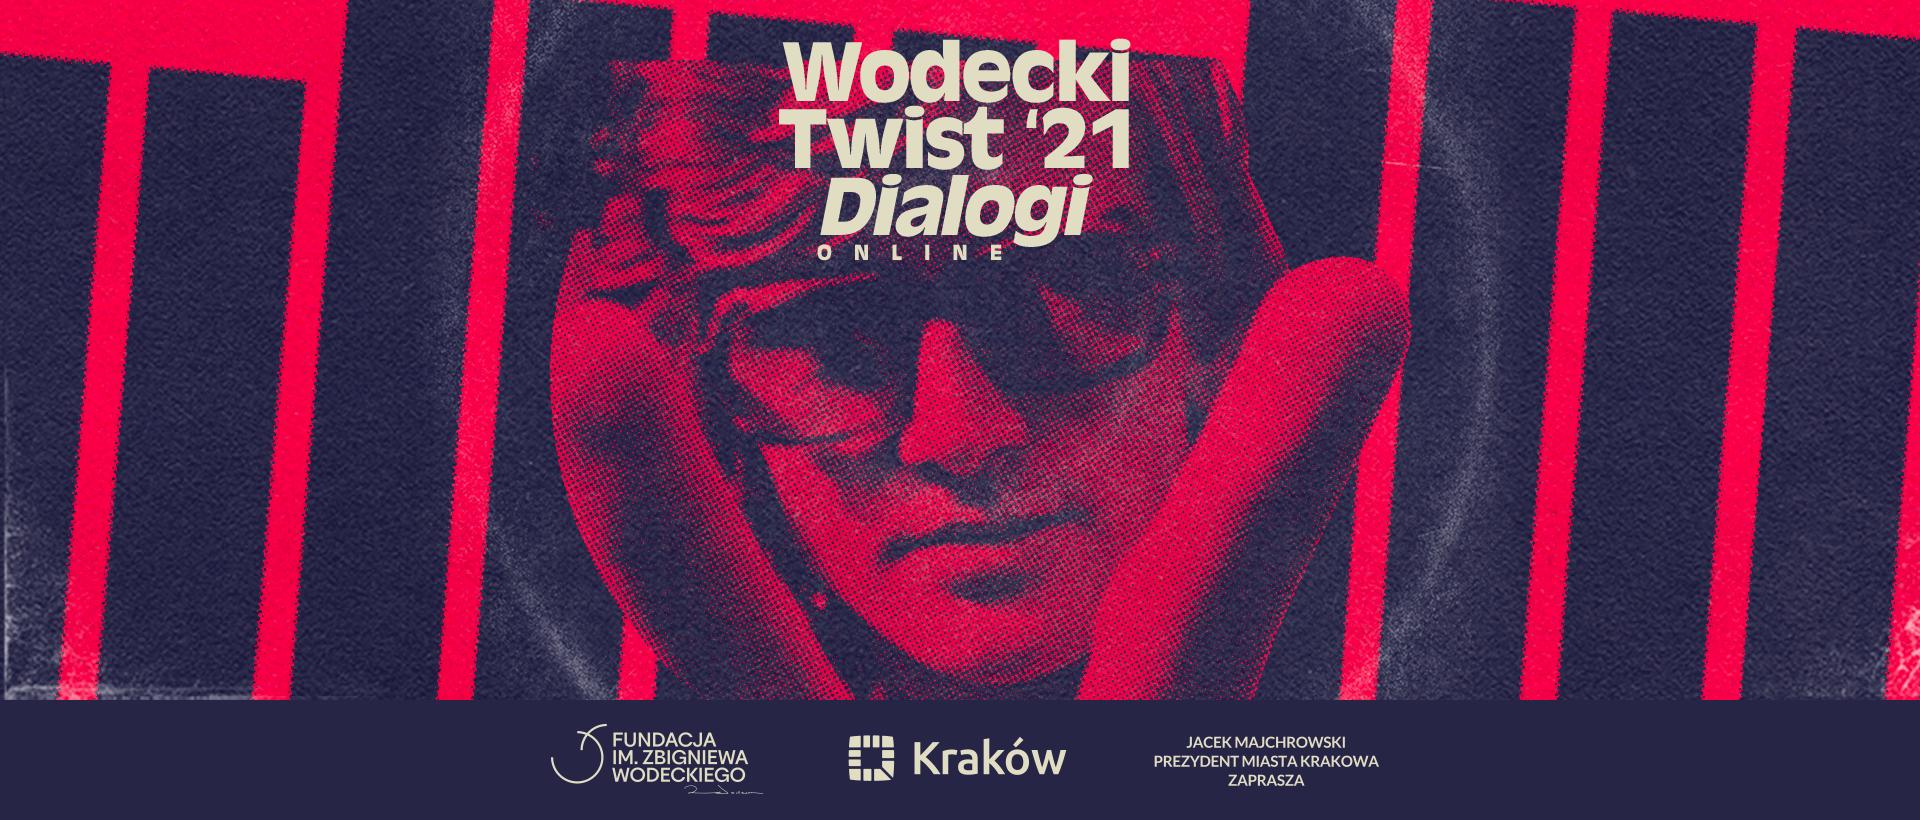 WodeckiTwist21#FundacjaWodecki#www_1920x820